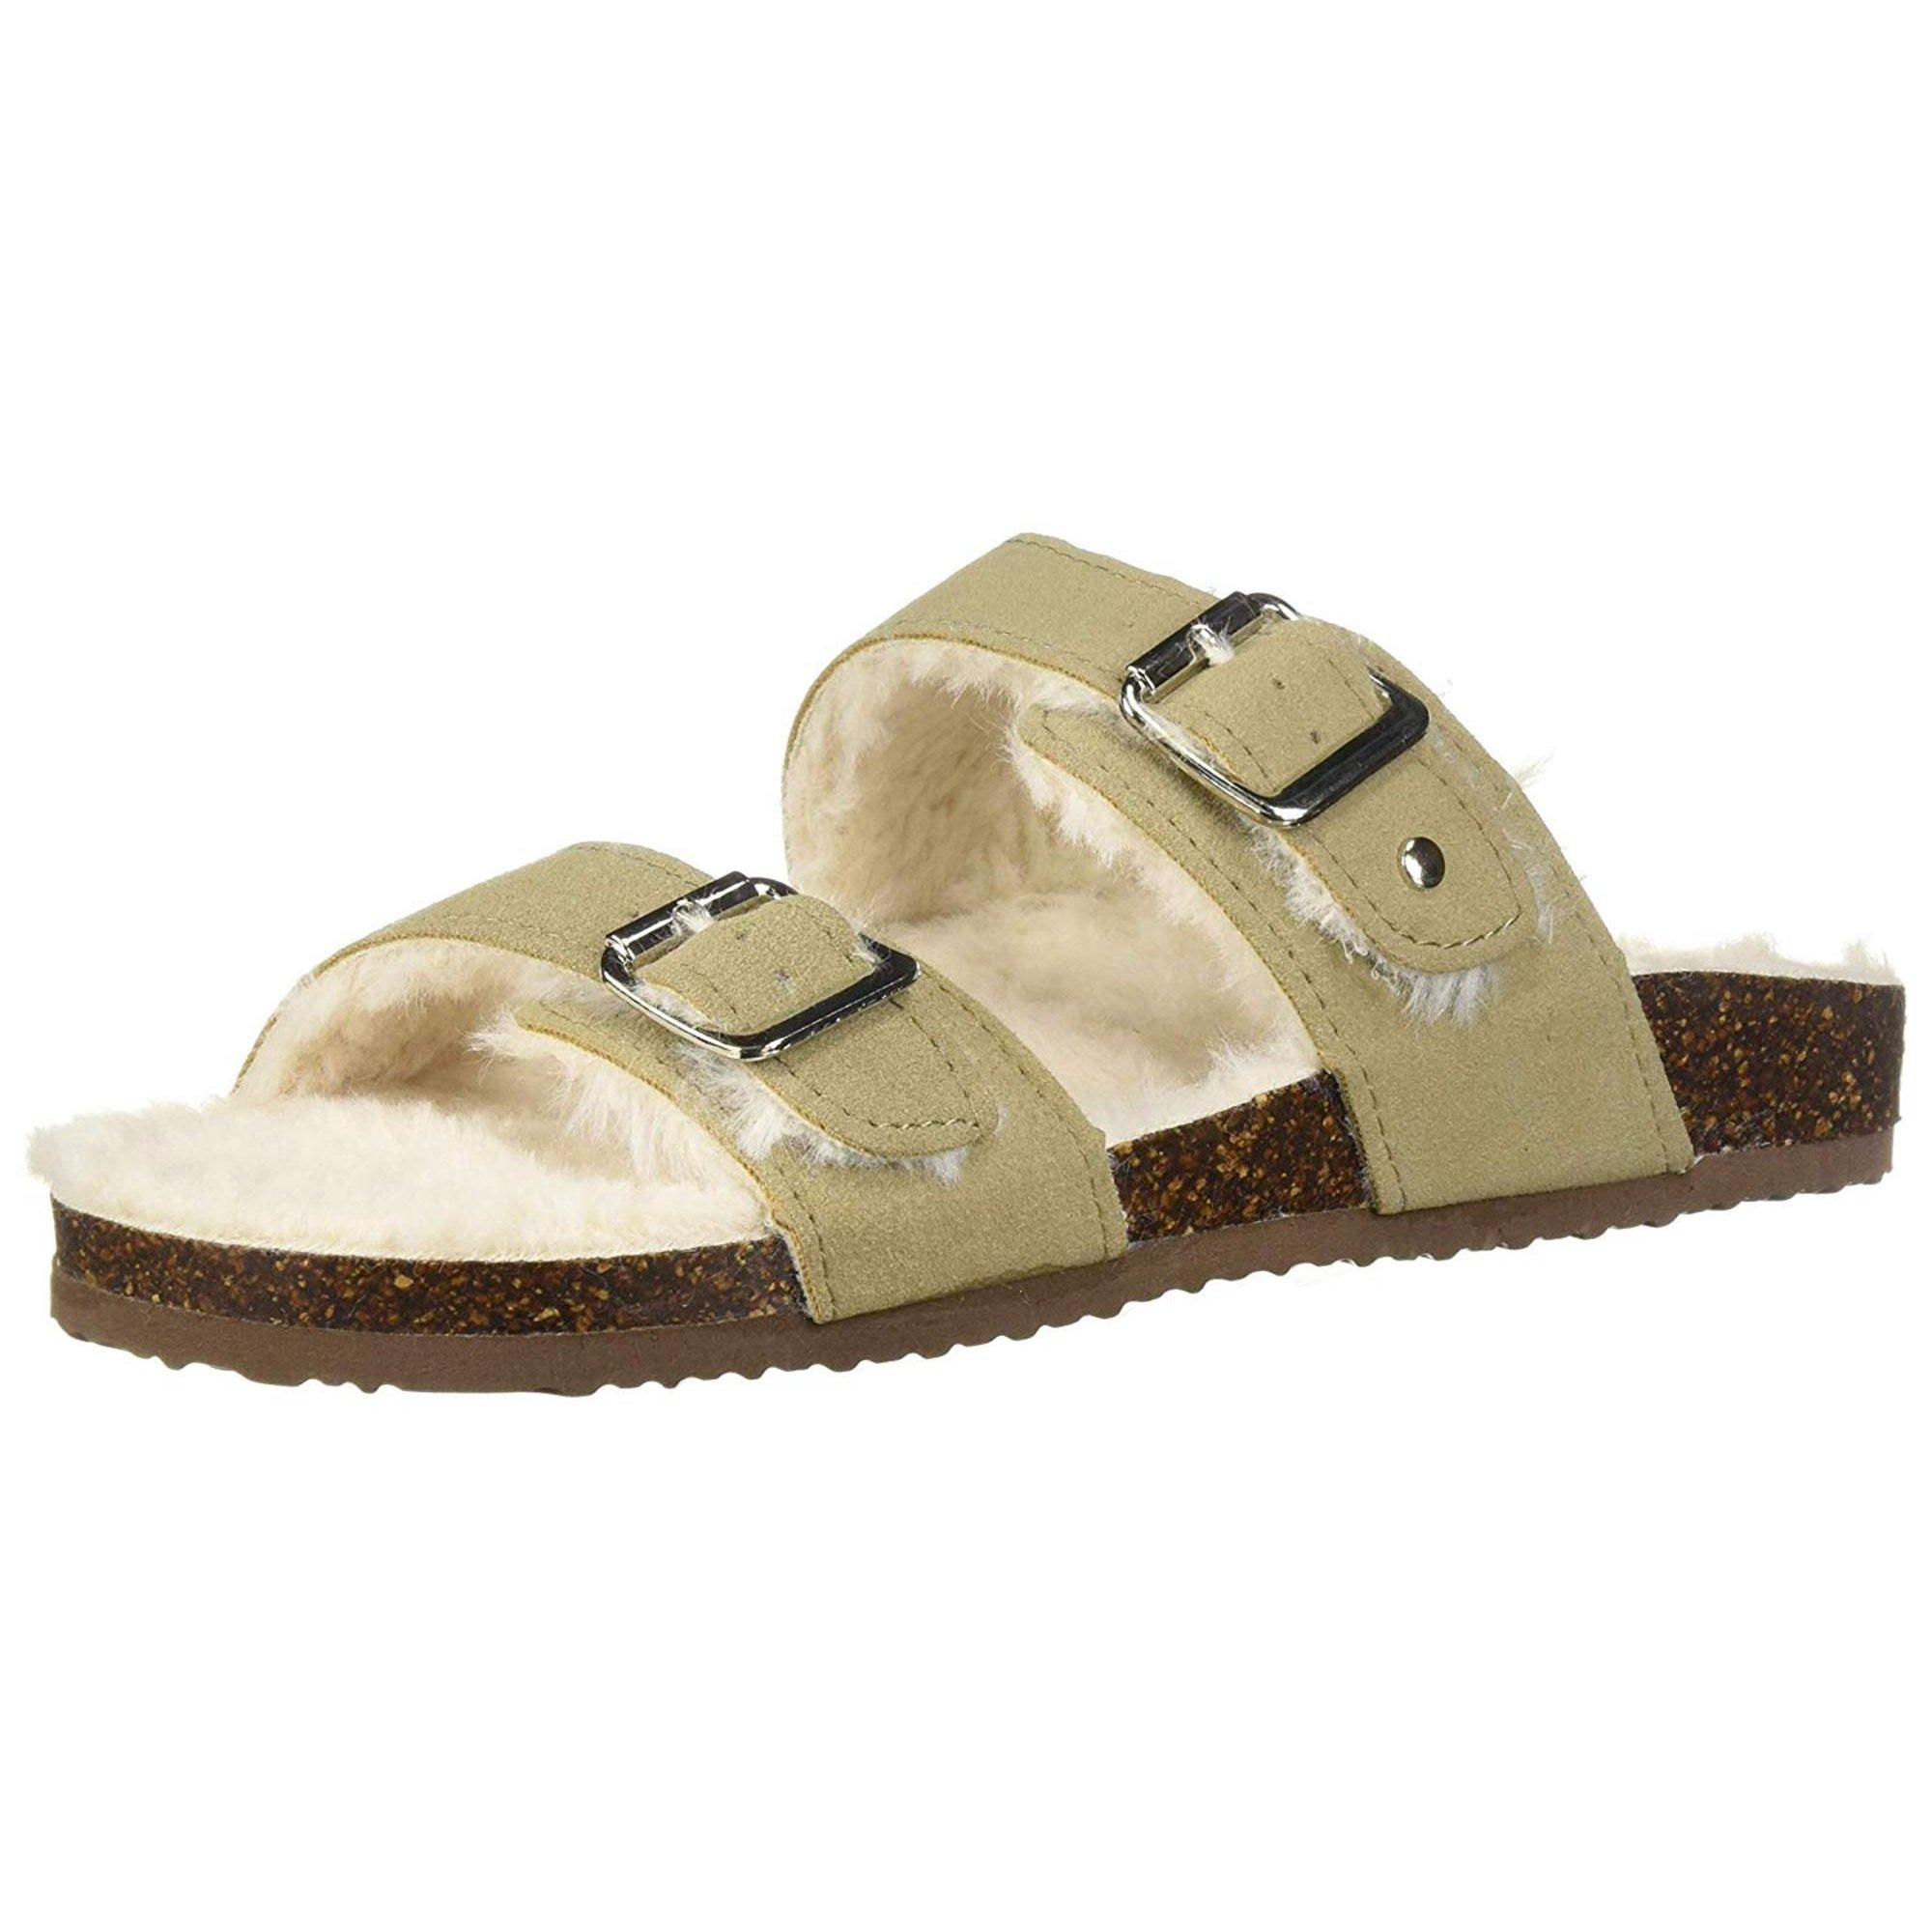 634993cd685 Madden Girl Women's Brando-f Slide Sandal | Walmart Canada